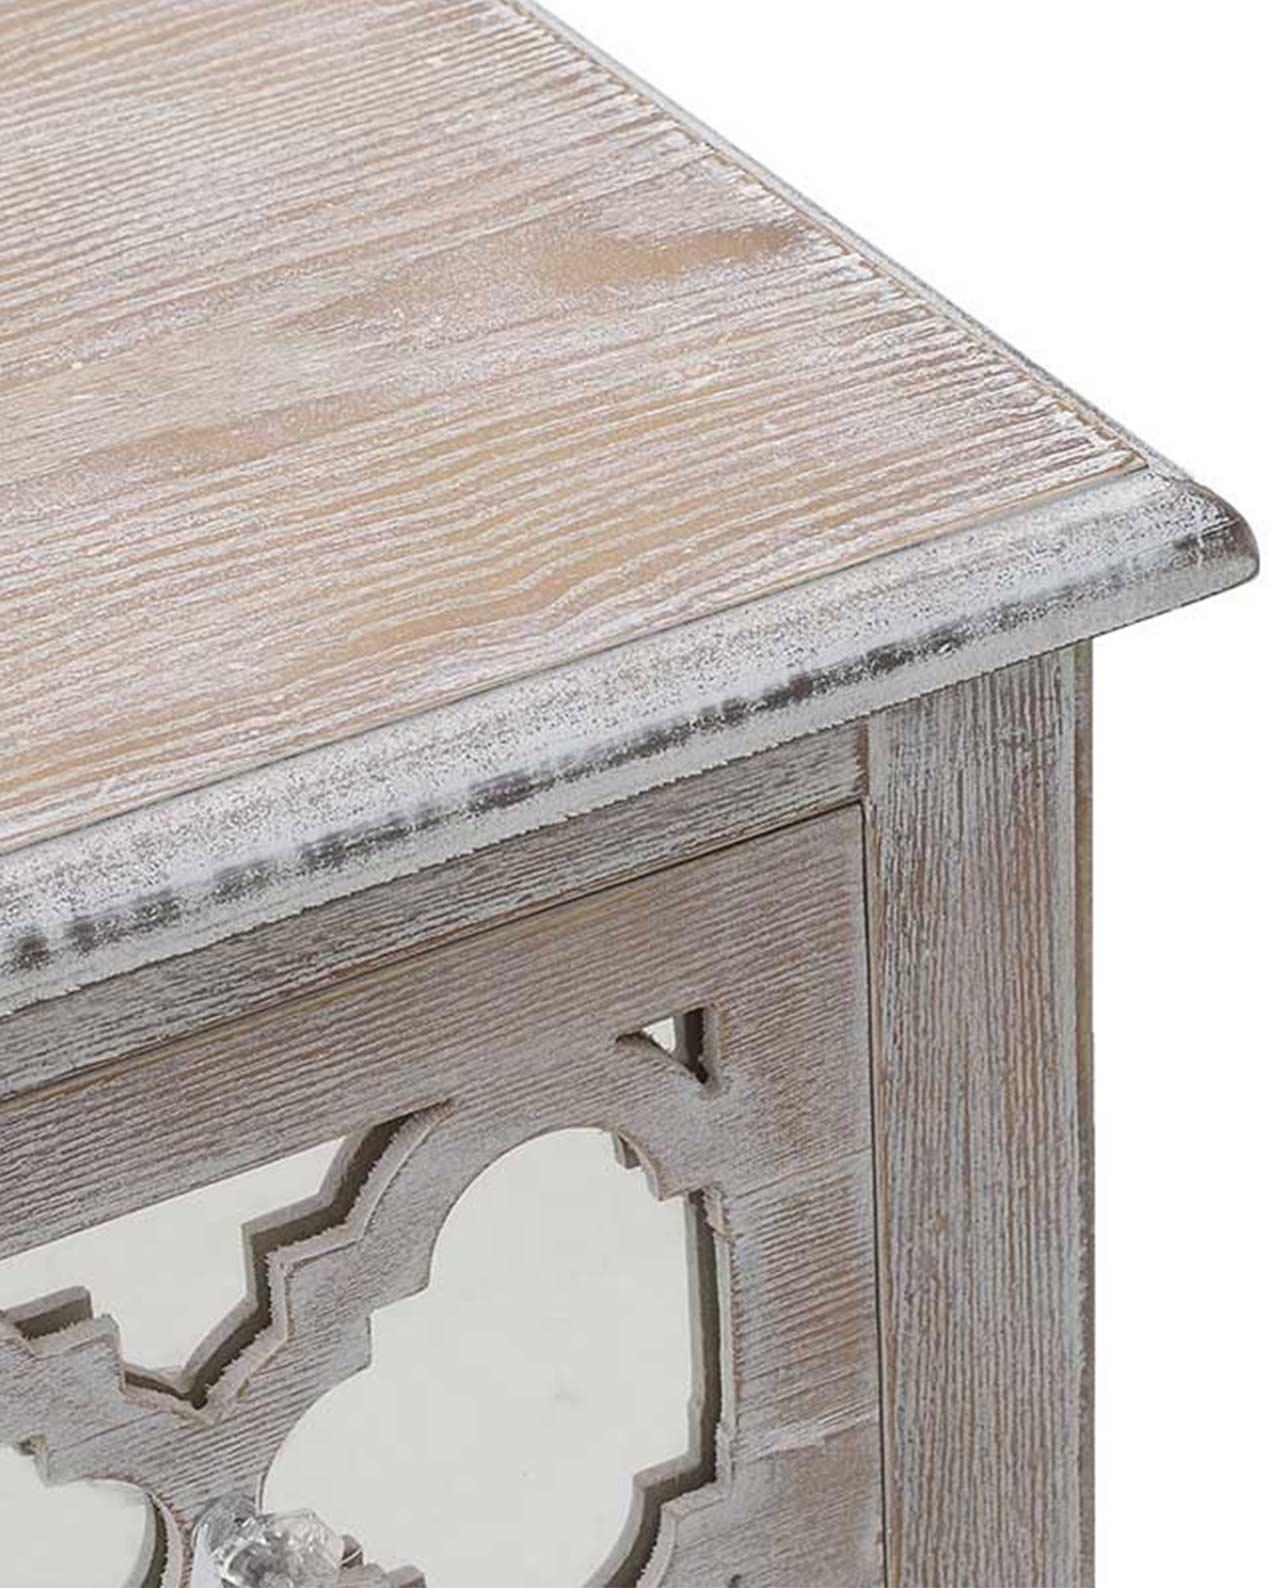 Cassettiera in legno nordik ethnik mobilia store home for Cassettiera legno